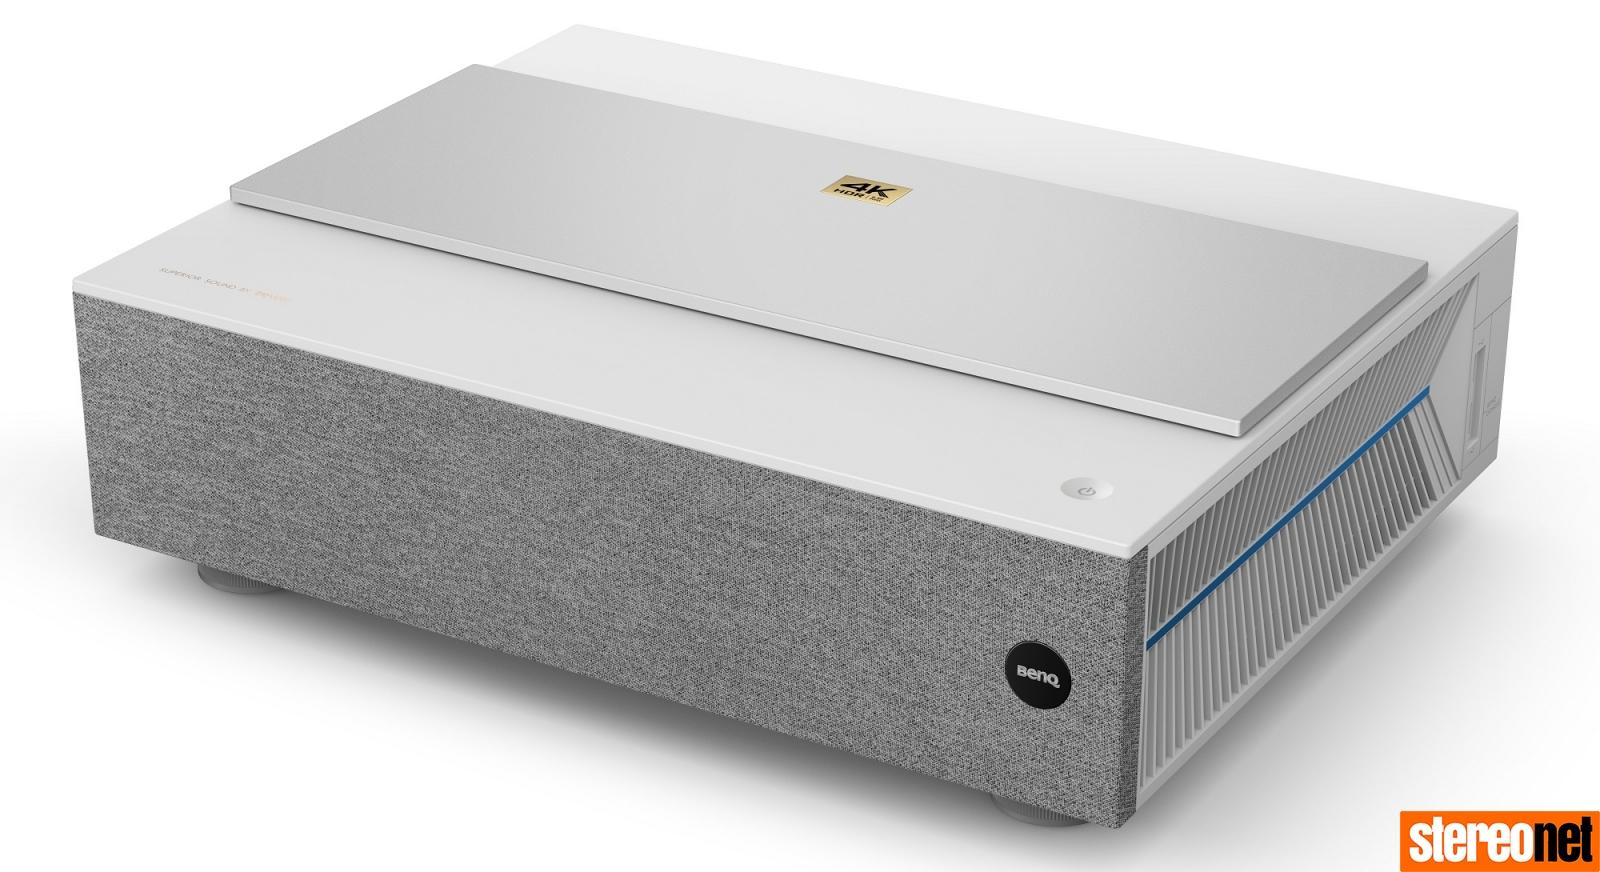 BenQ V6050 V6000 4k projector